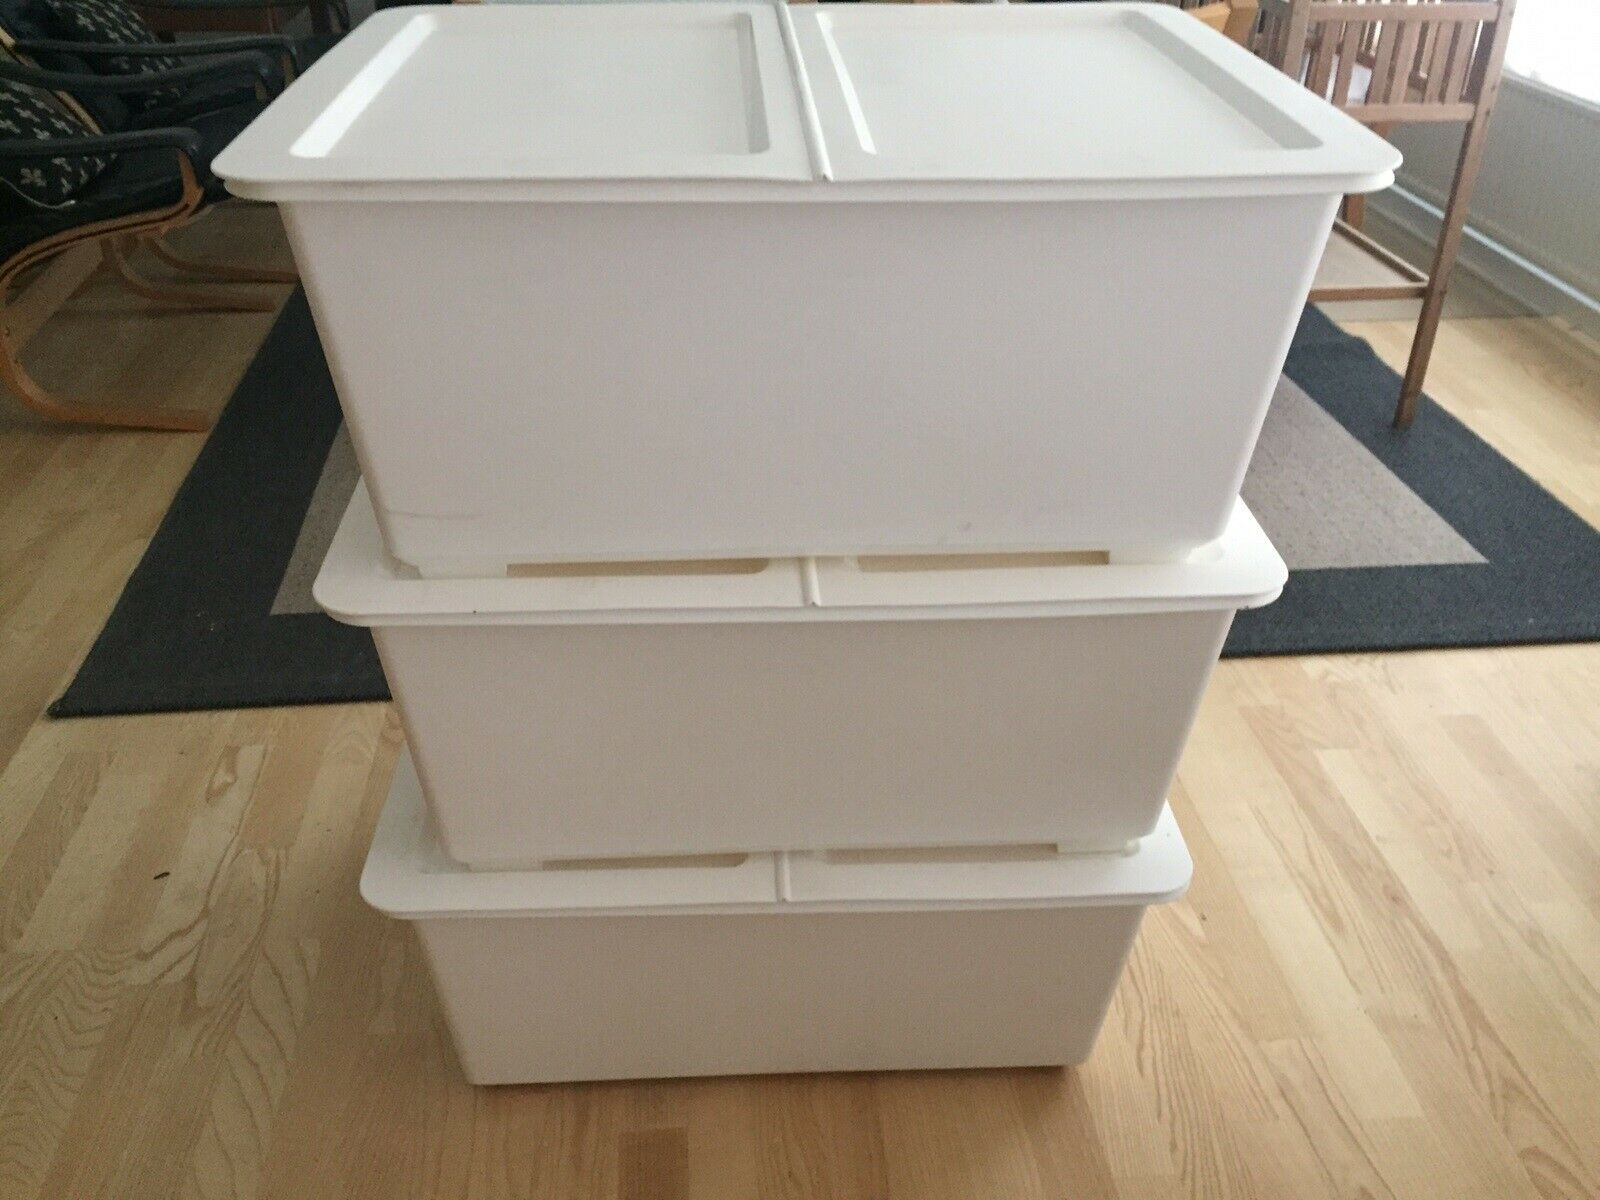 Store Opbevaringskasser Ikea Ndash Dba Dk Ndash Kob Og Salg Af Nyt Og Brugt